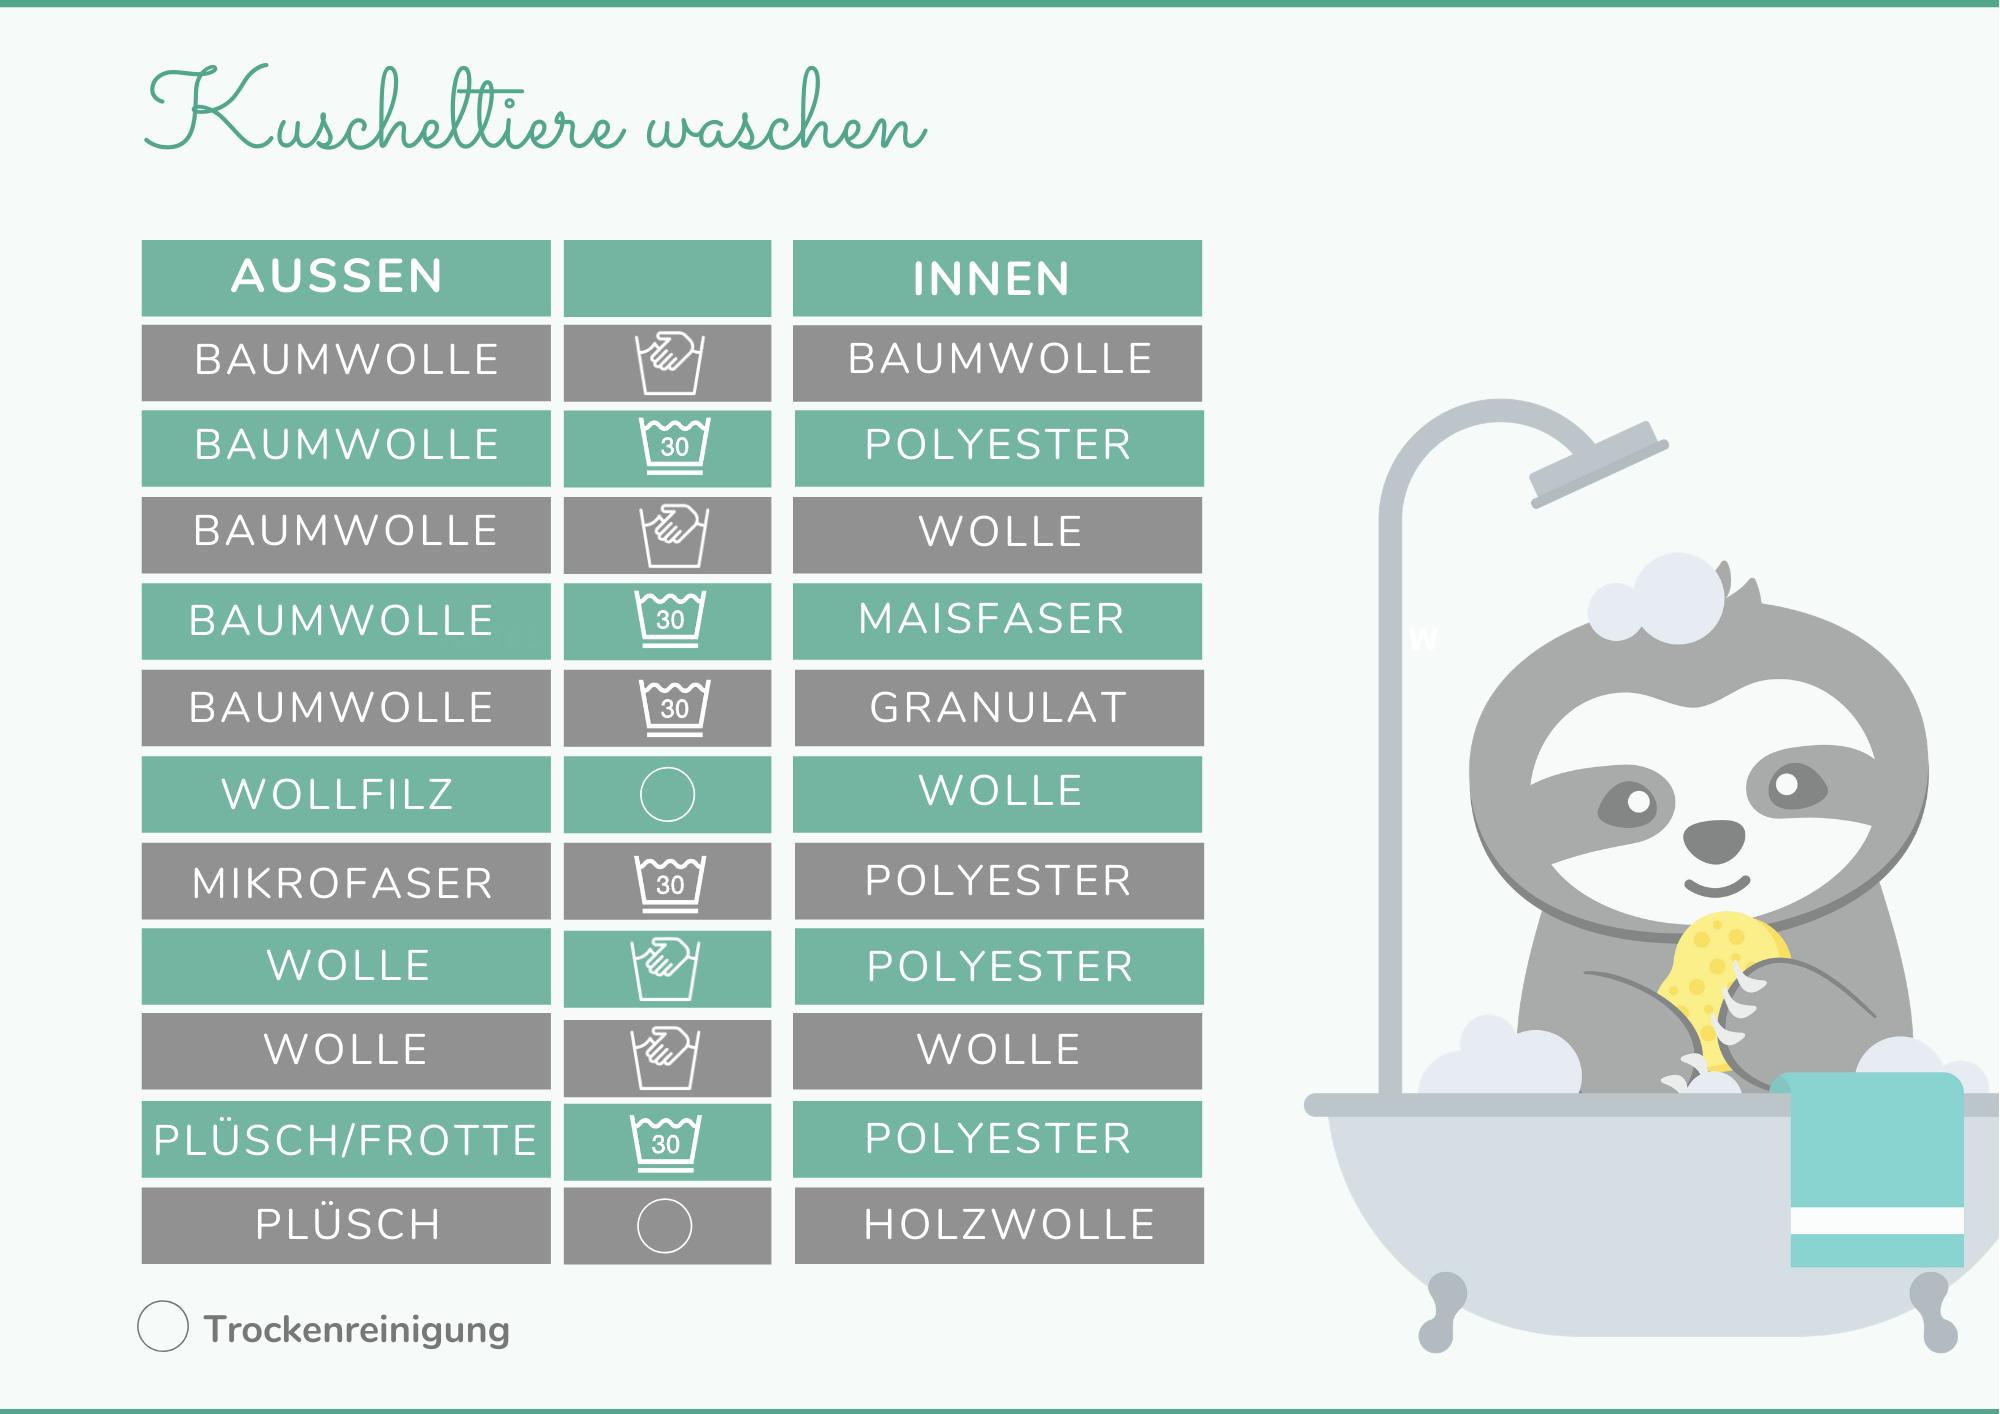 Kuscheltiere waschen: so machst du alles richtig!